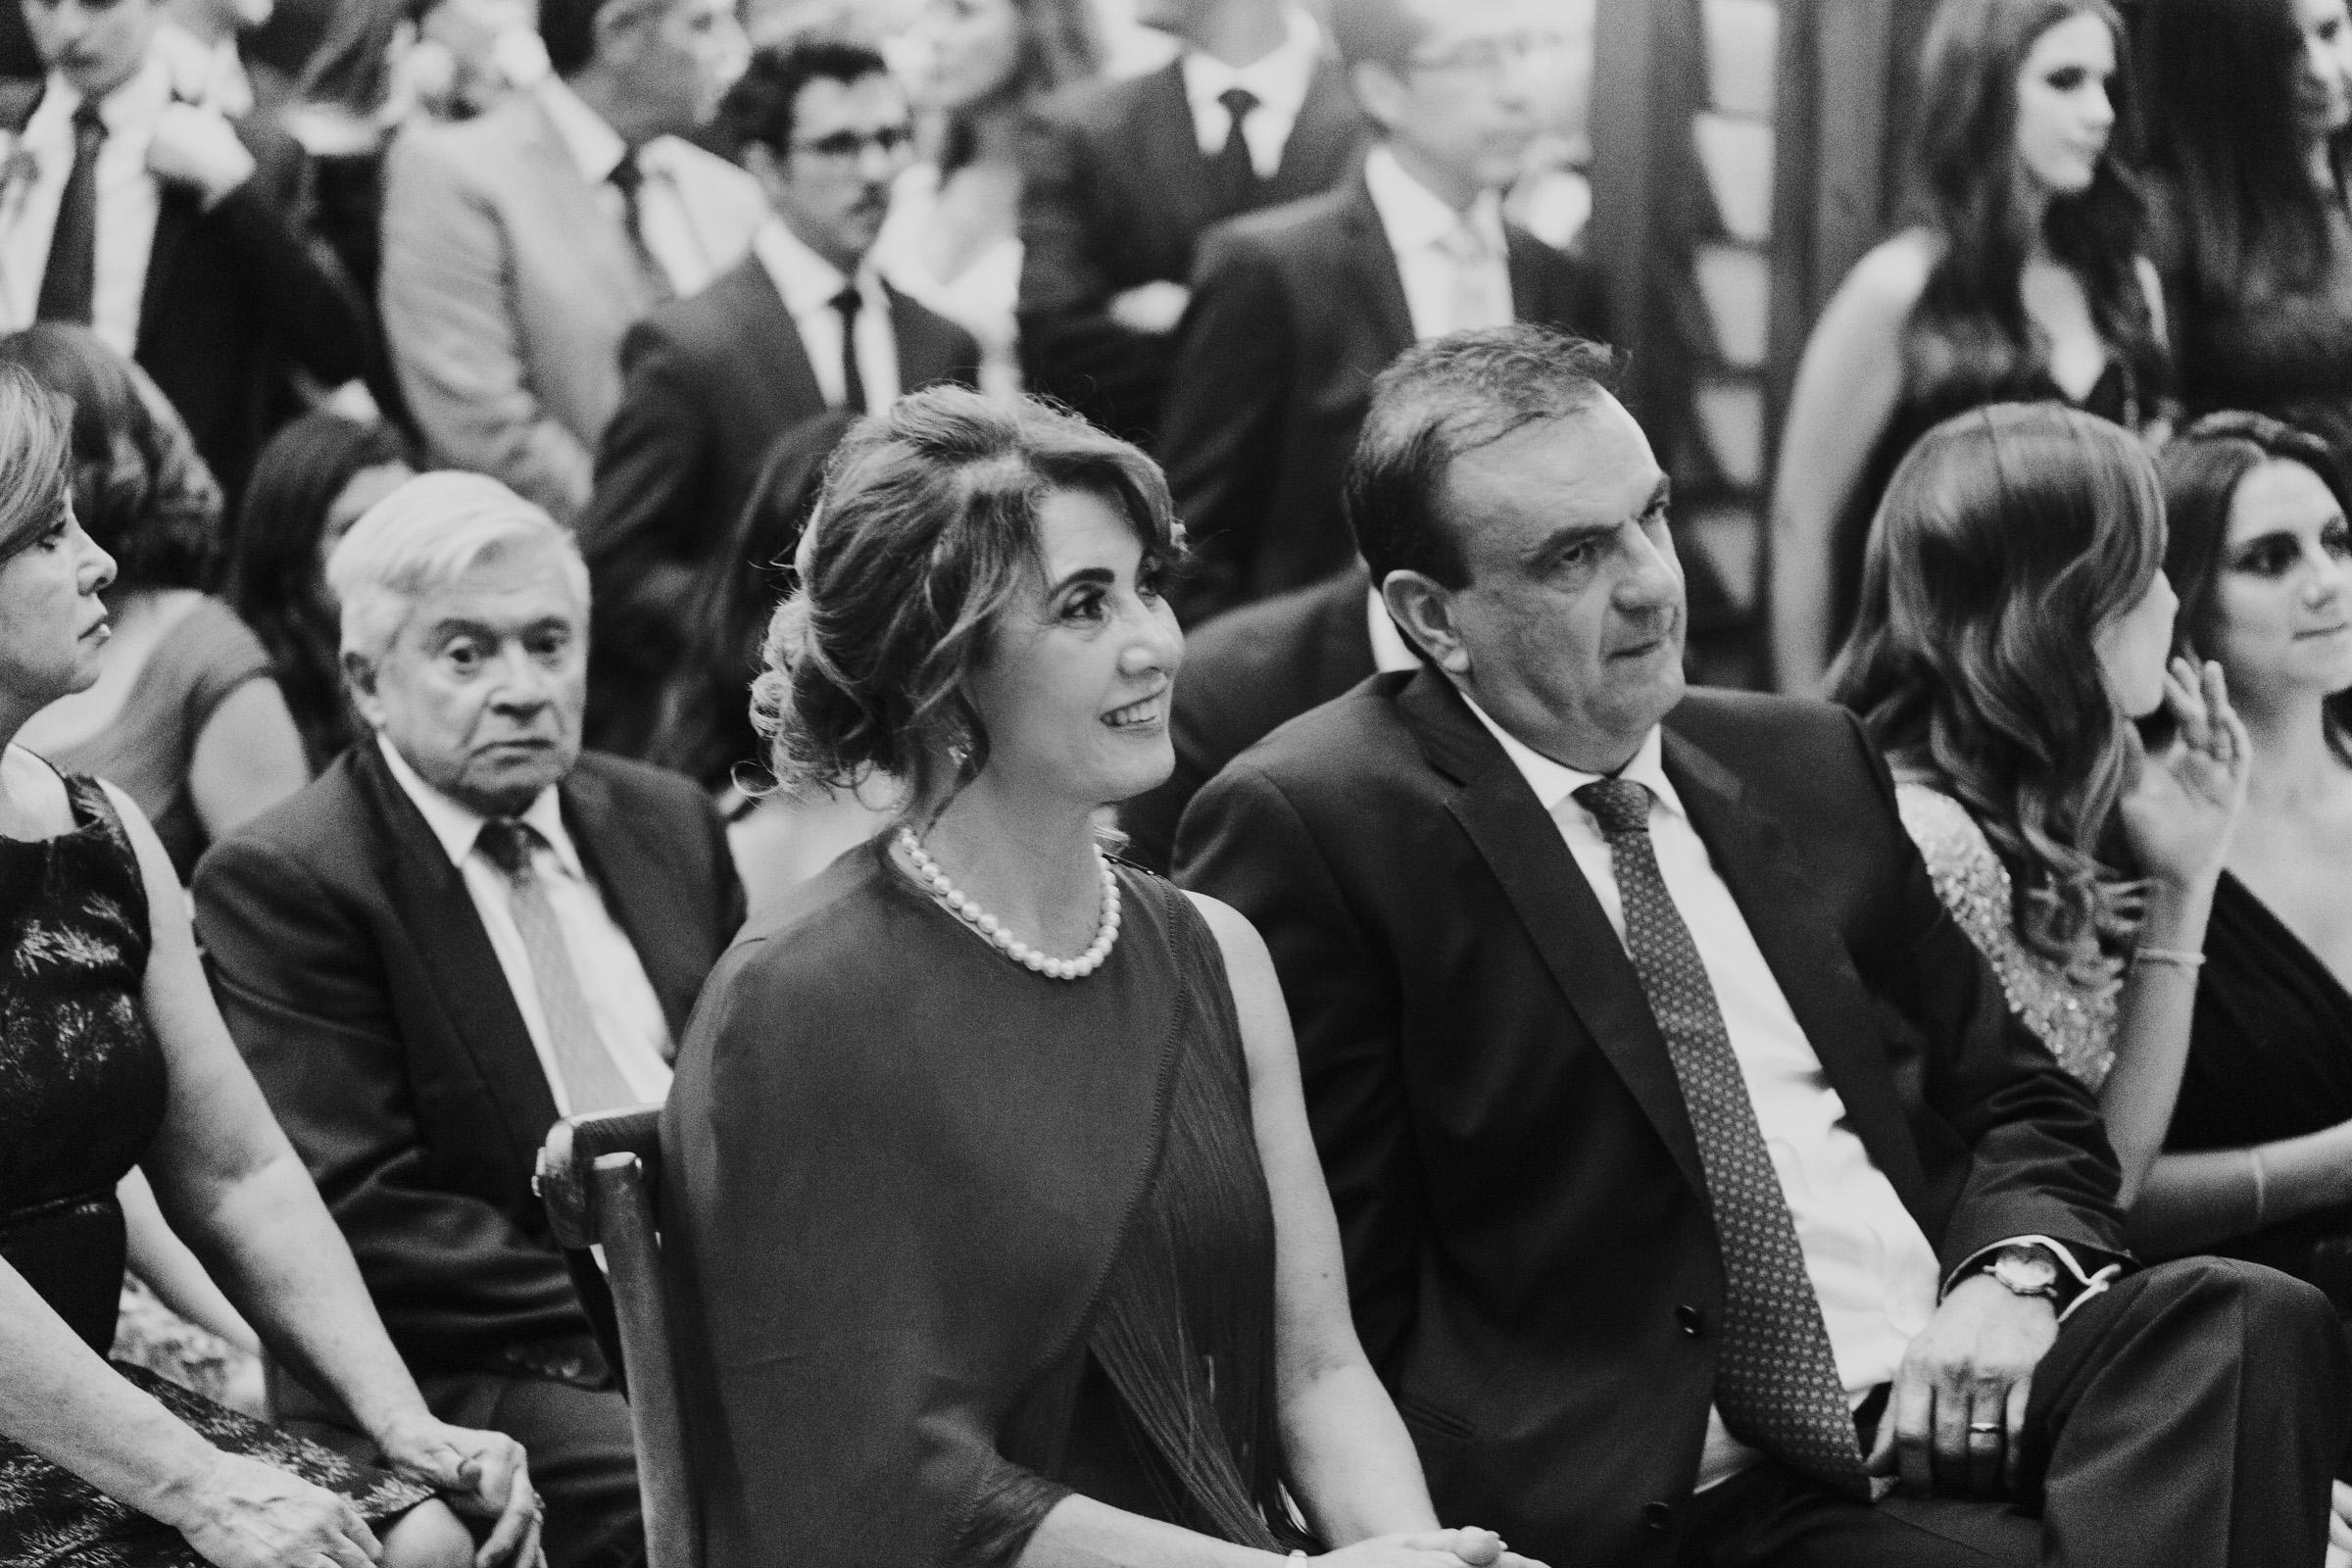 boda-mexico-fotografia-leon-guanajuato-san-miguel-de-allende-lucia-lorenzo-pierce-308.jpg